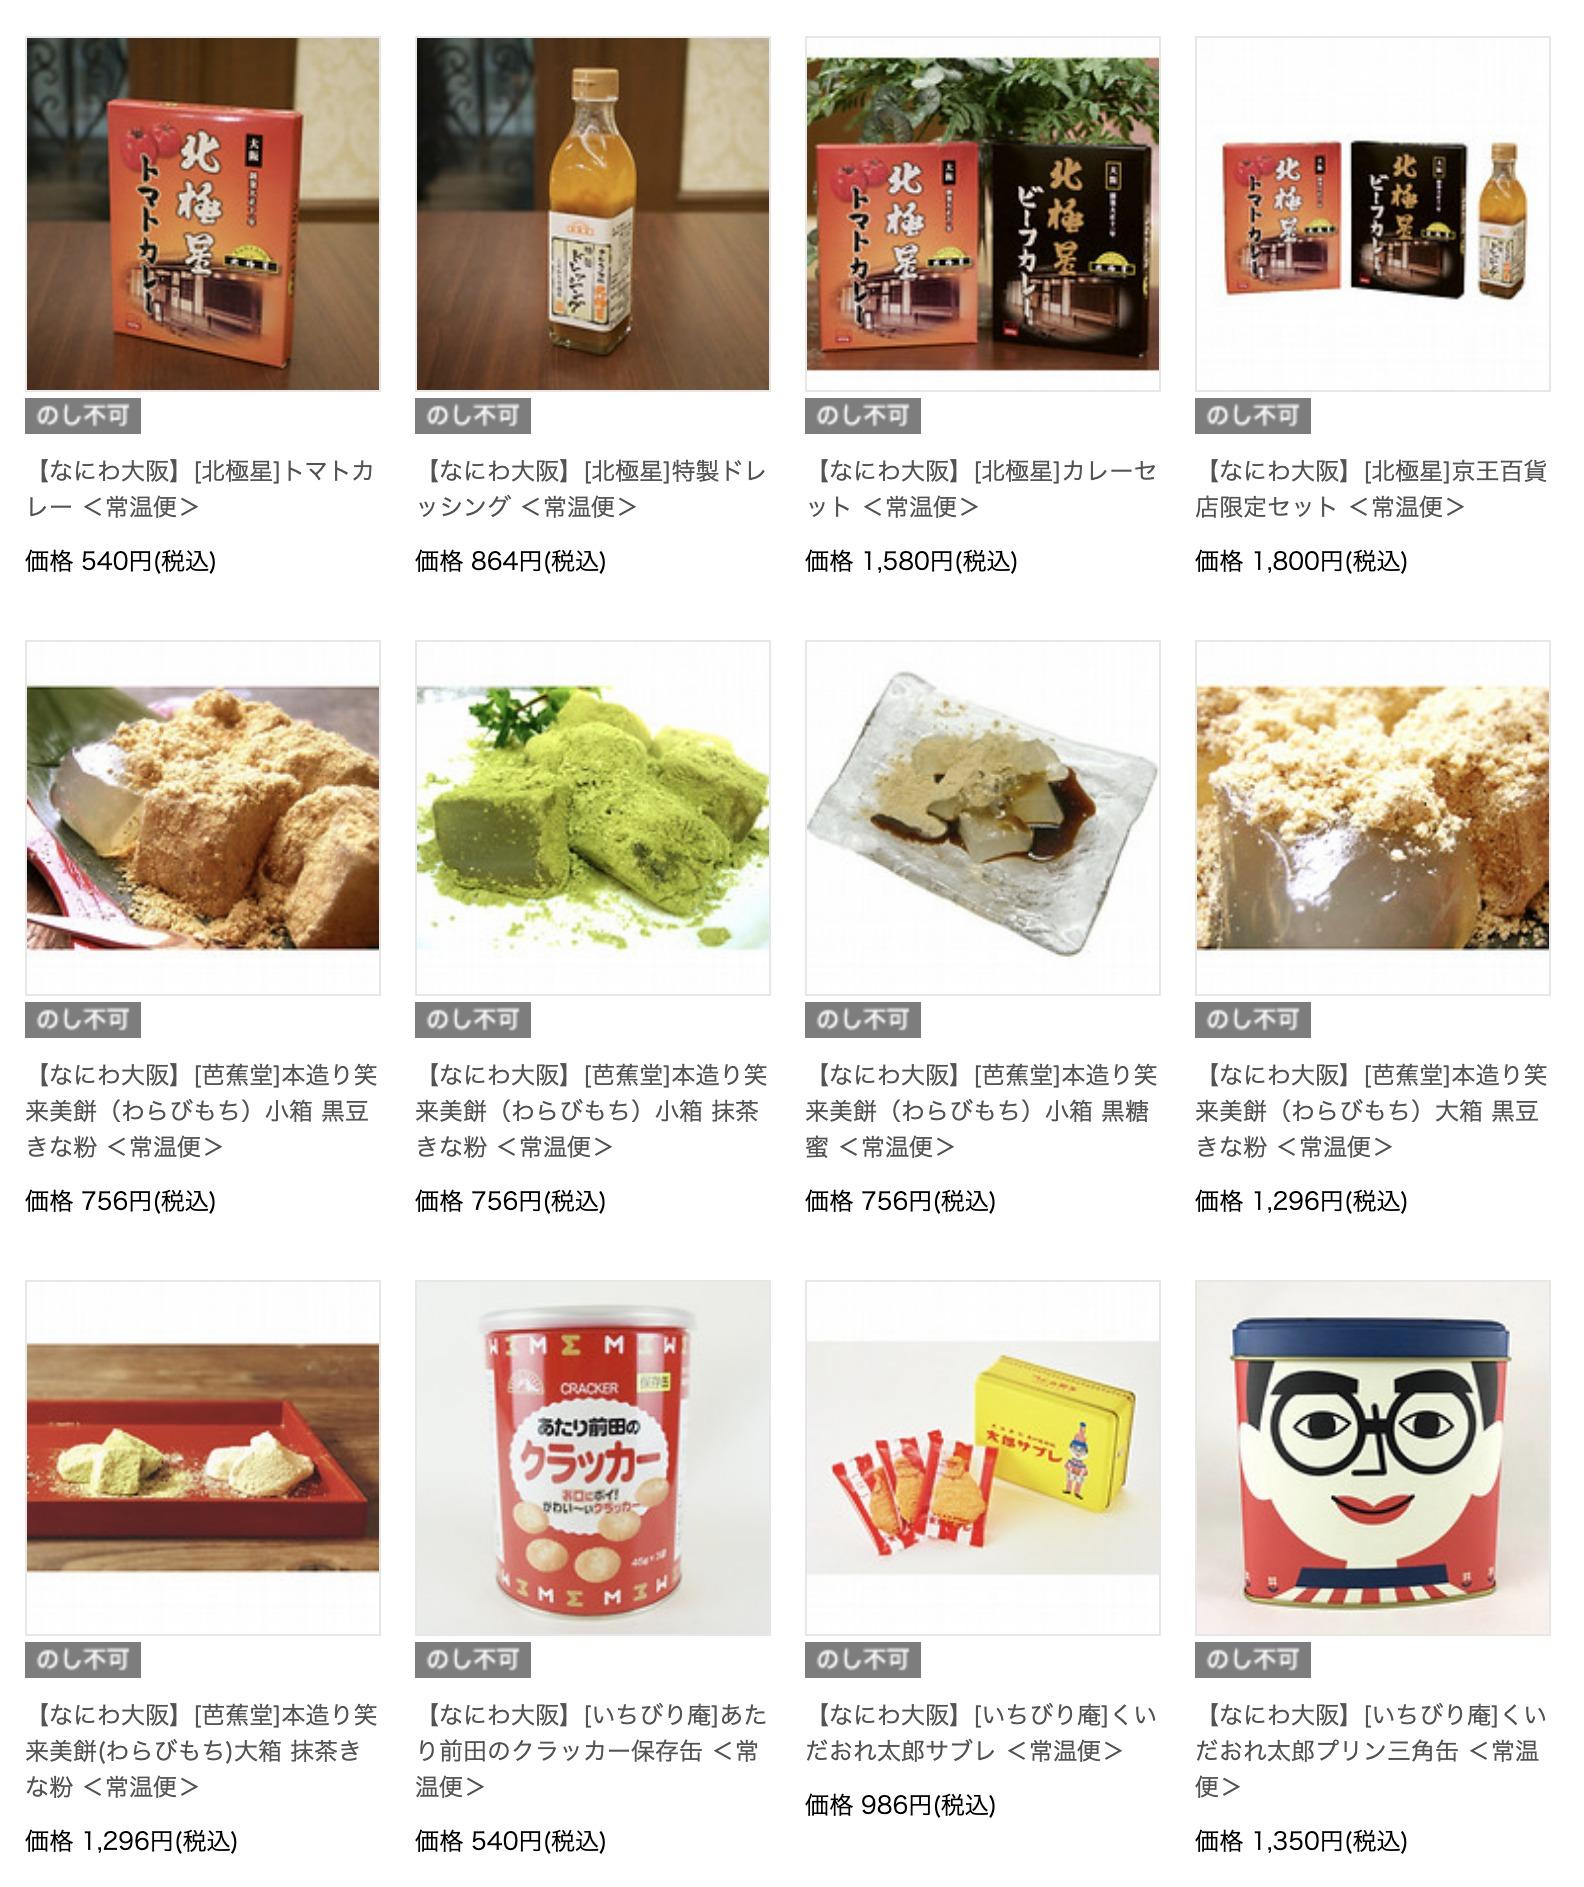 デパートのオンライン物産展「なにわ大阪食いだおれうまいもんまつり」